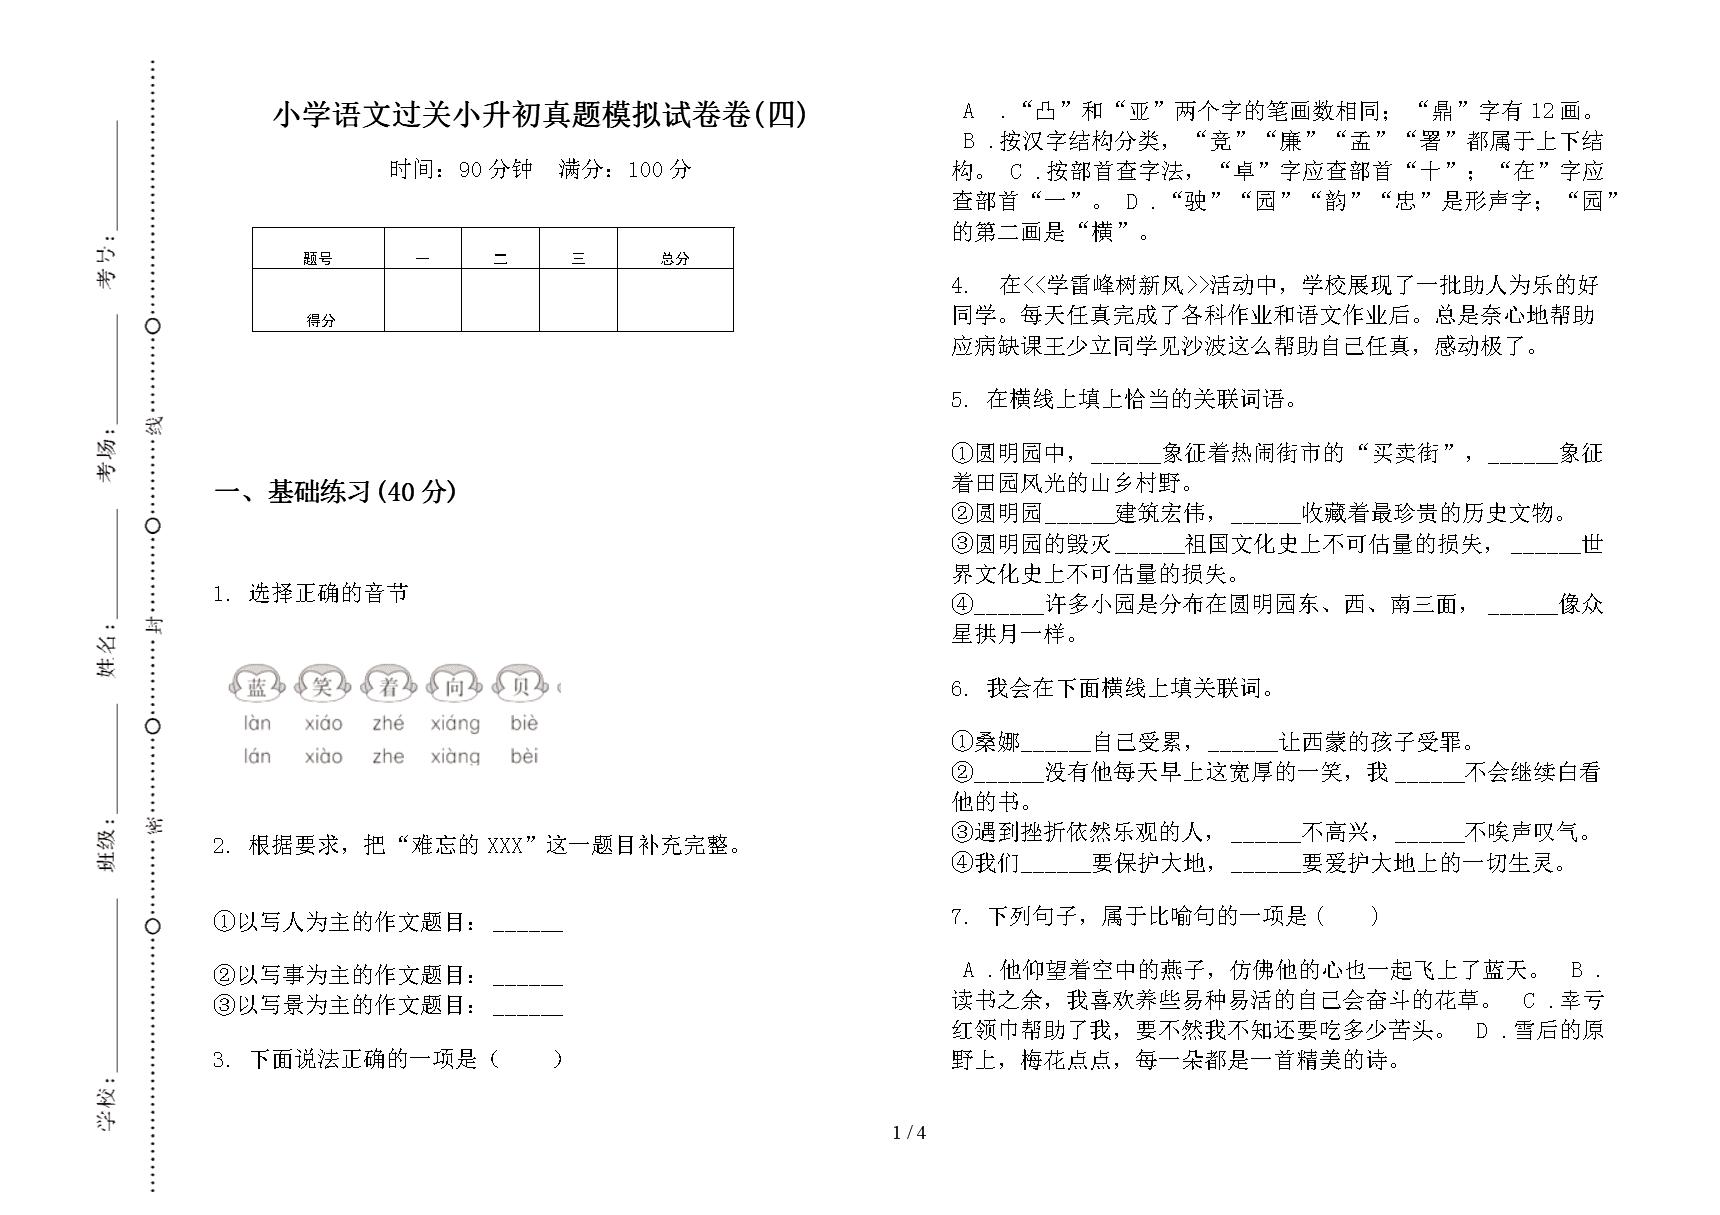 小学语文过关小升初真题模拟试卷卷(四).docx